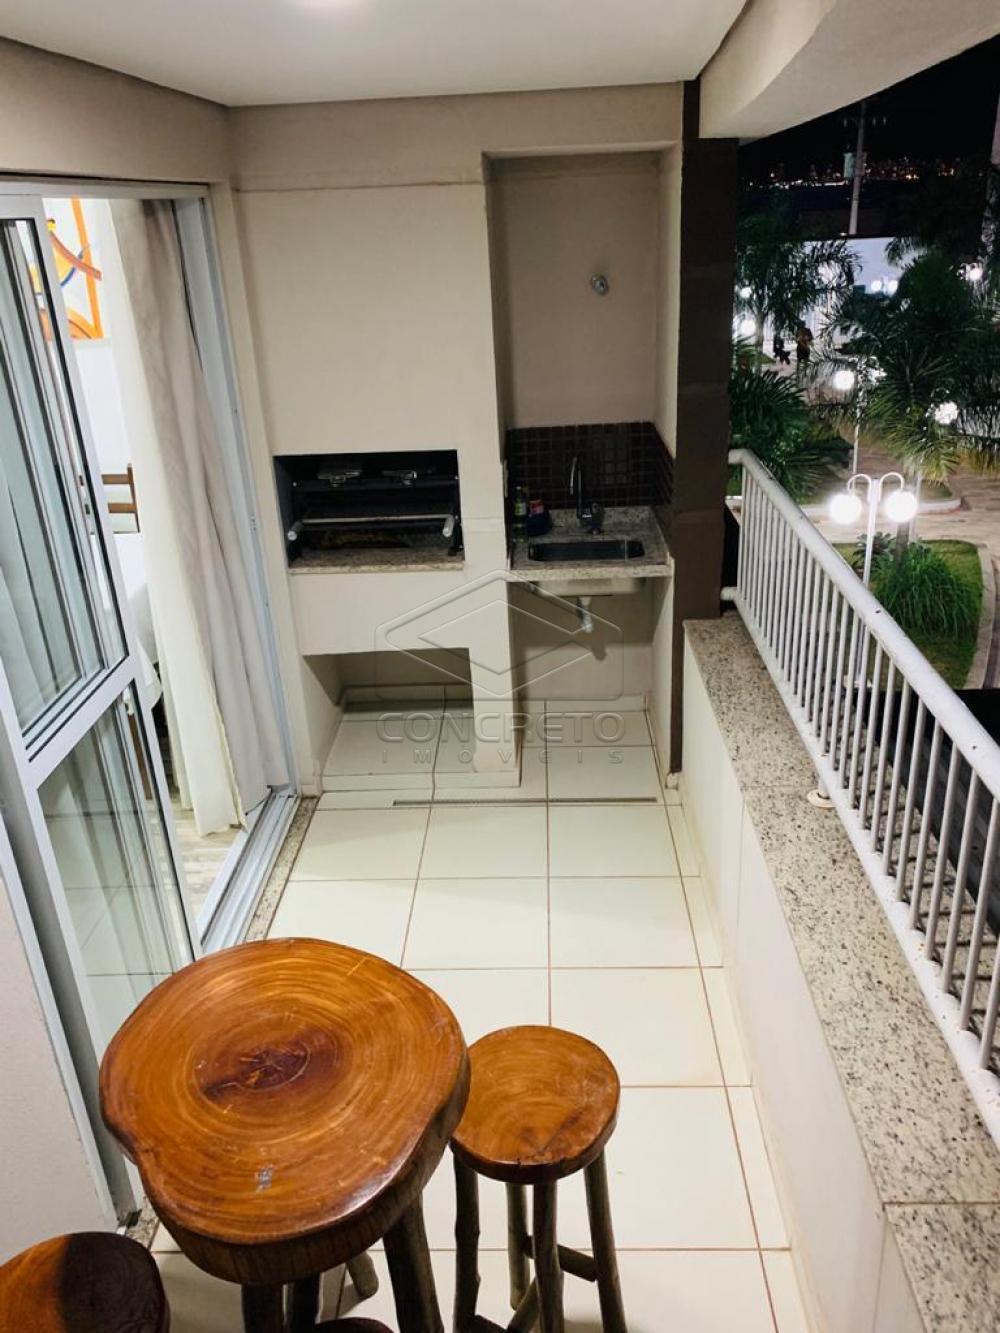 Comprar Apartamento / Padrão em Bauru R$ 280.000,00 - Foto 13